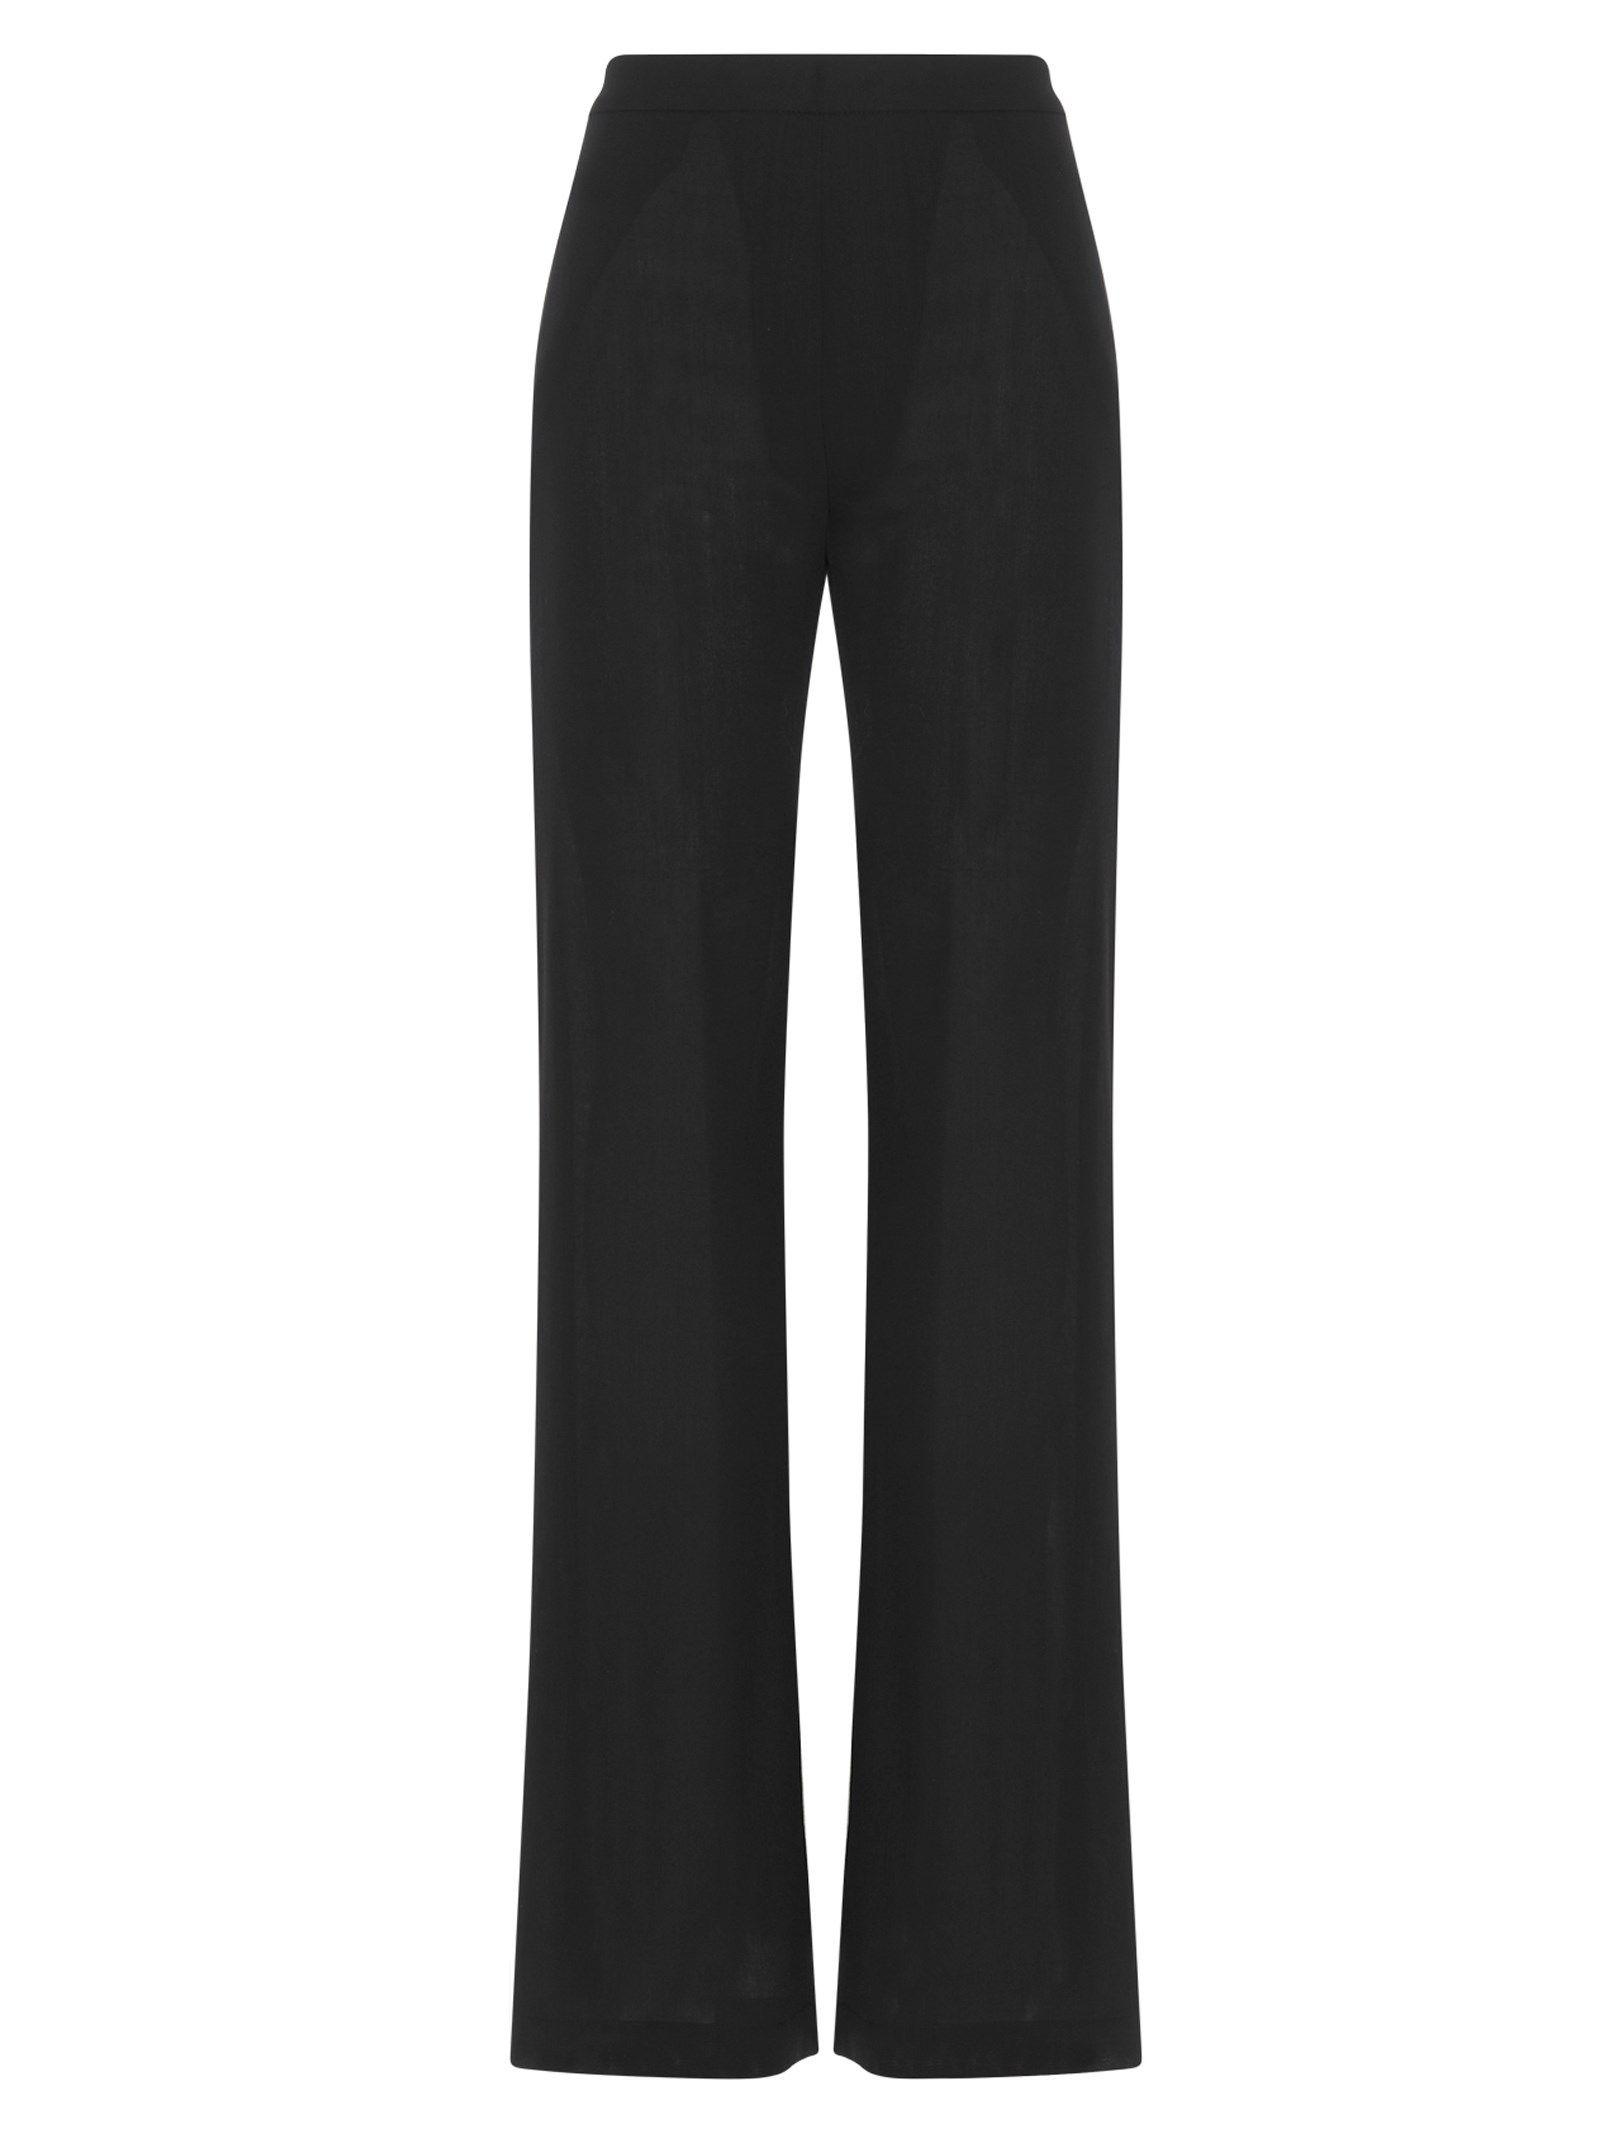 Ann Demeulemeester Pants ANN DEMEULEMEESTER WOMEN'S BLACK PANTS